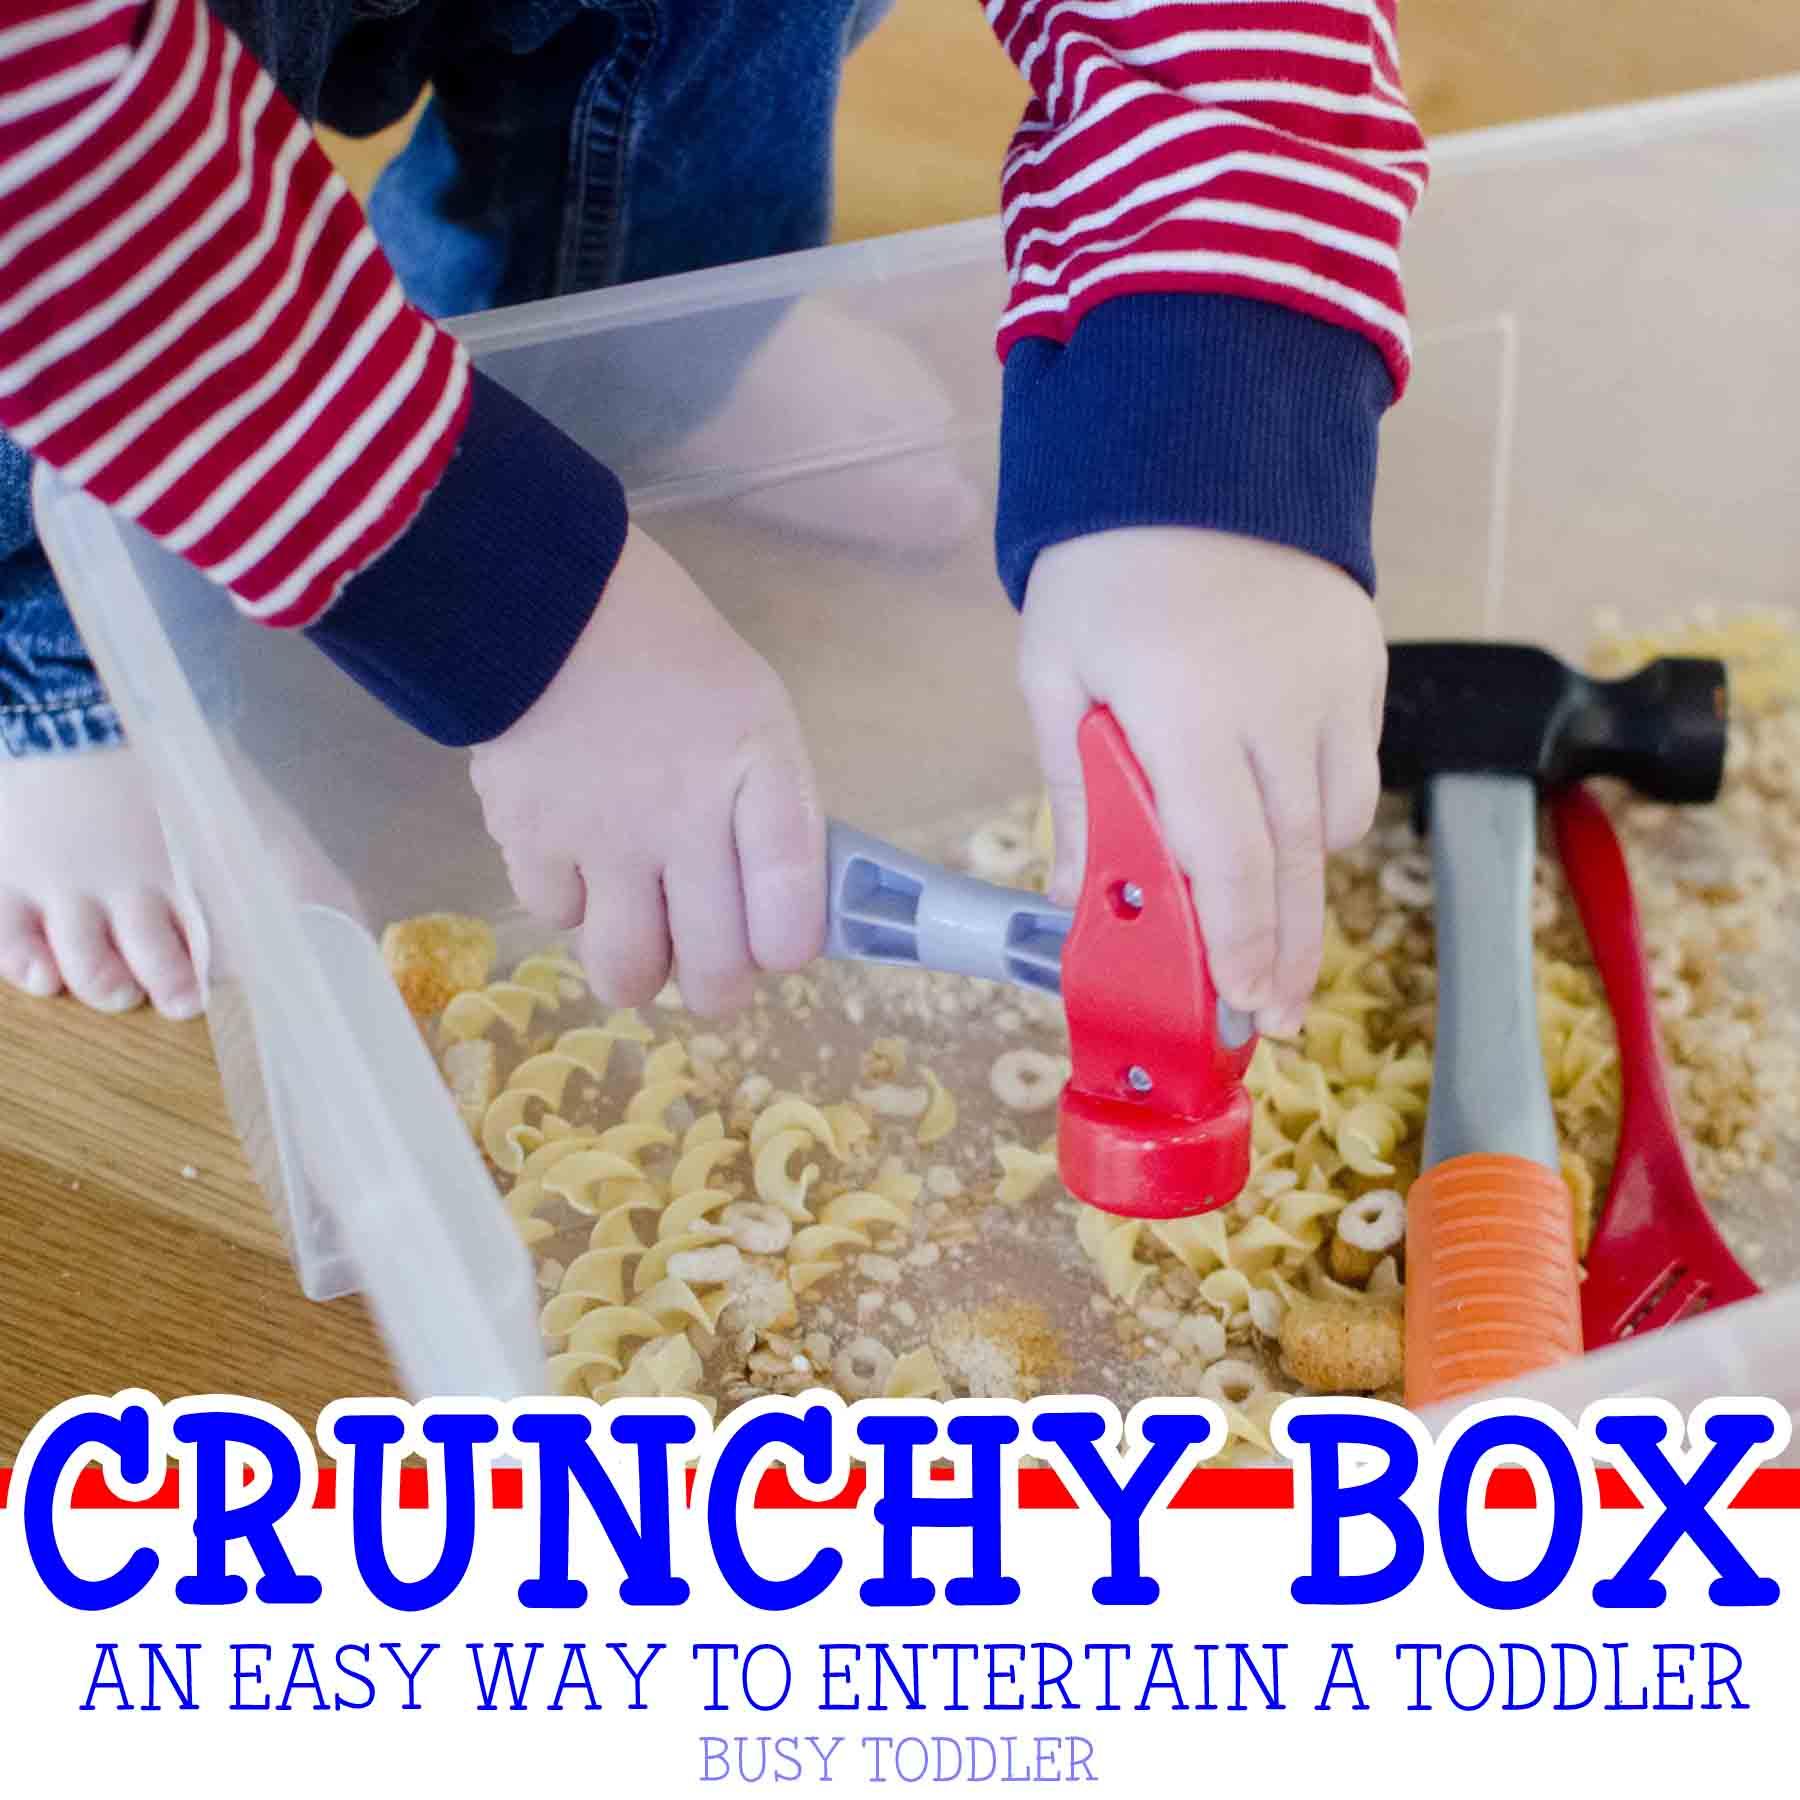 Crunchy Box